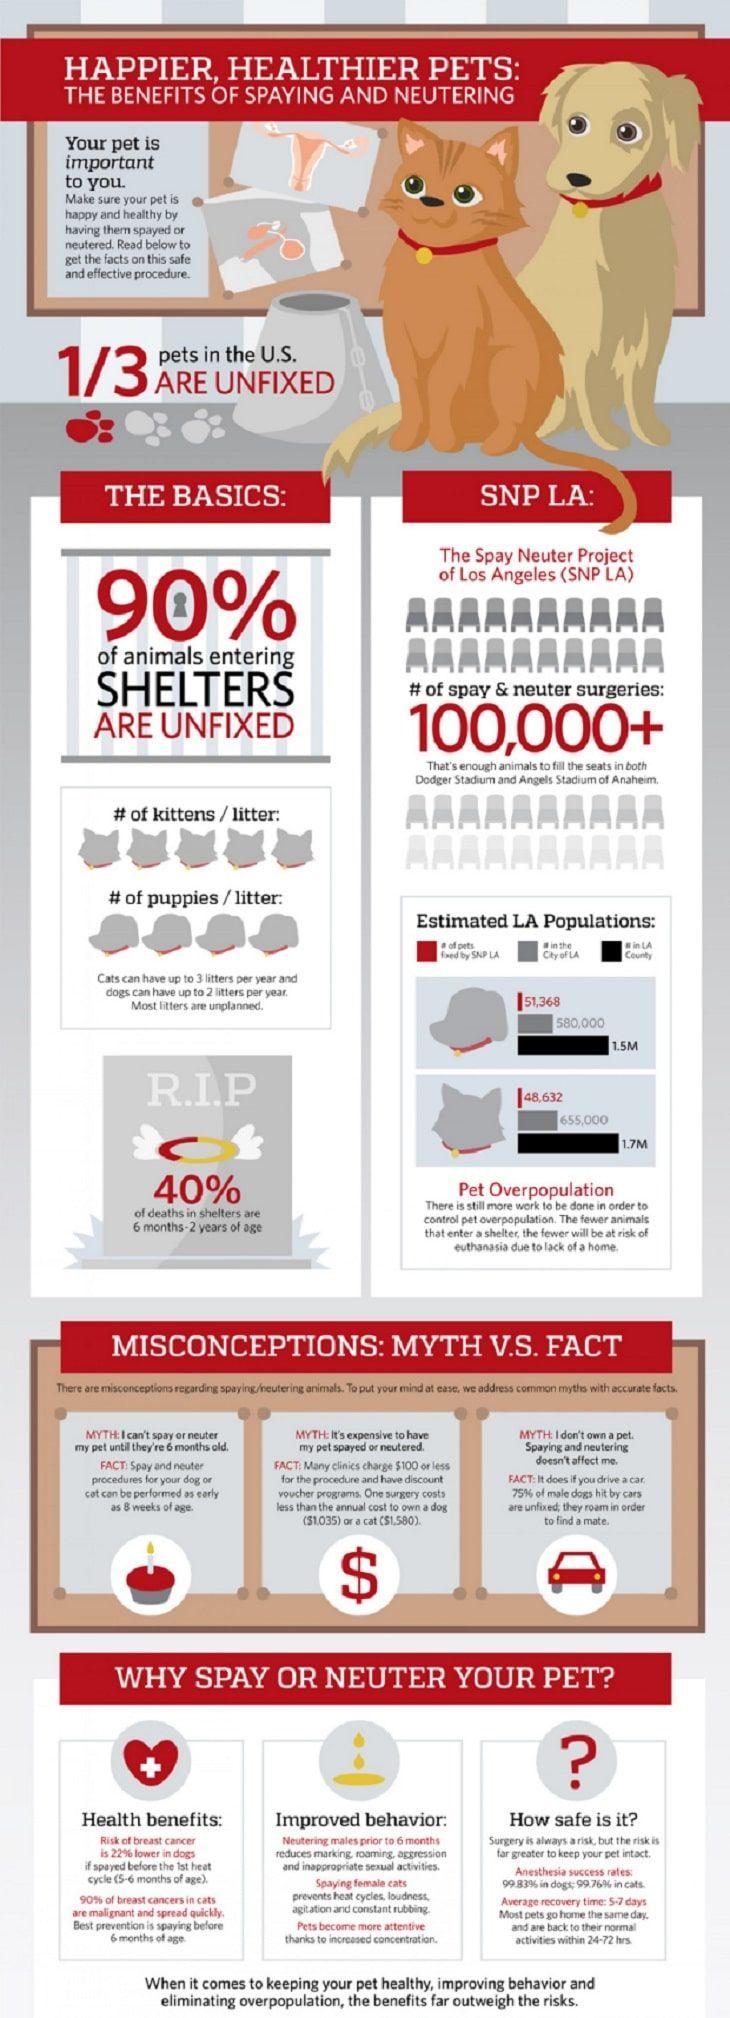 Les avantages de la stérilisation stérilisation